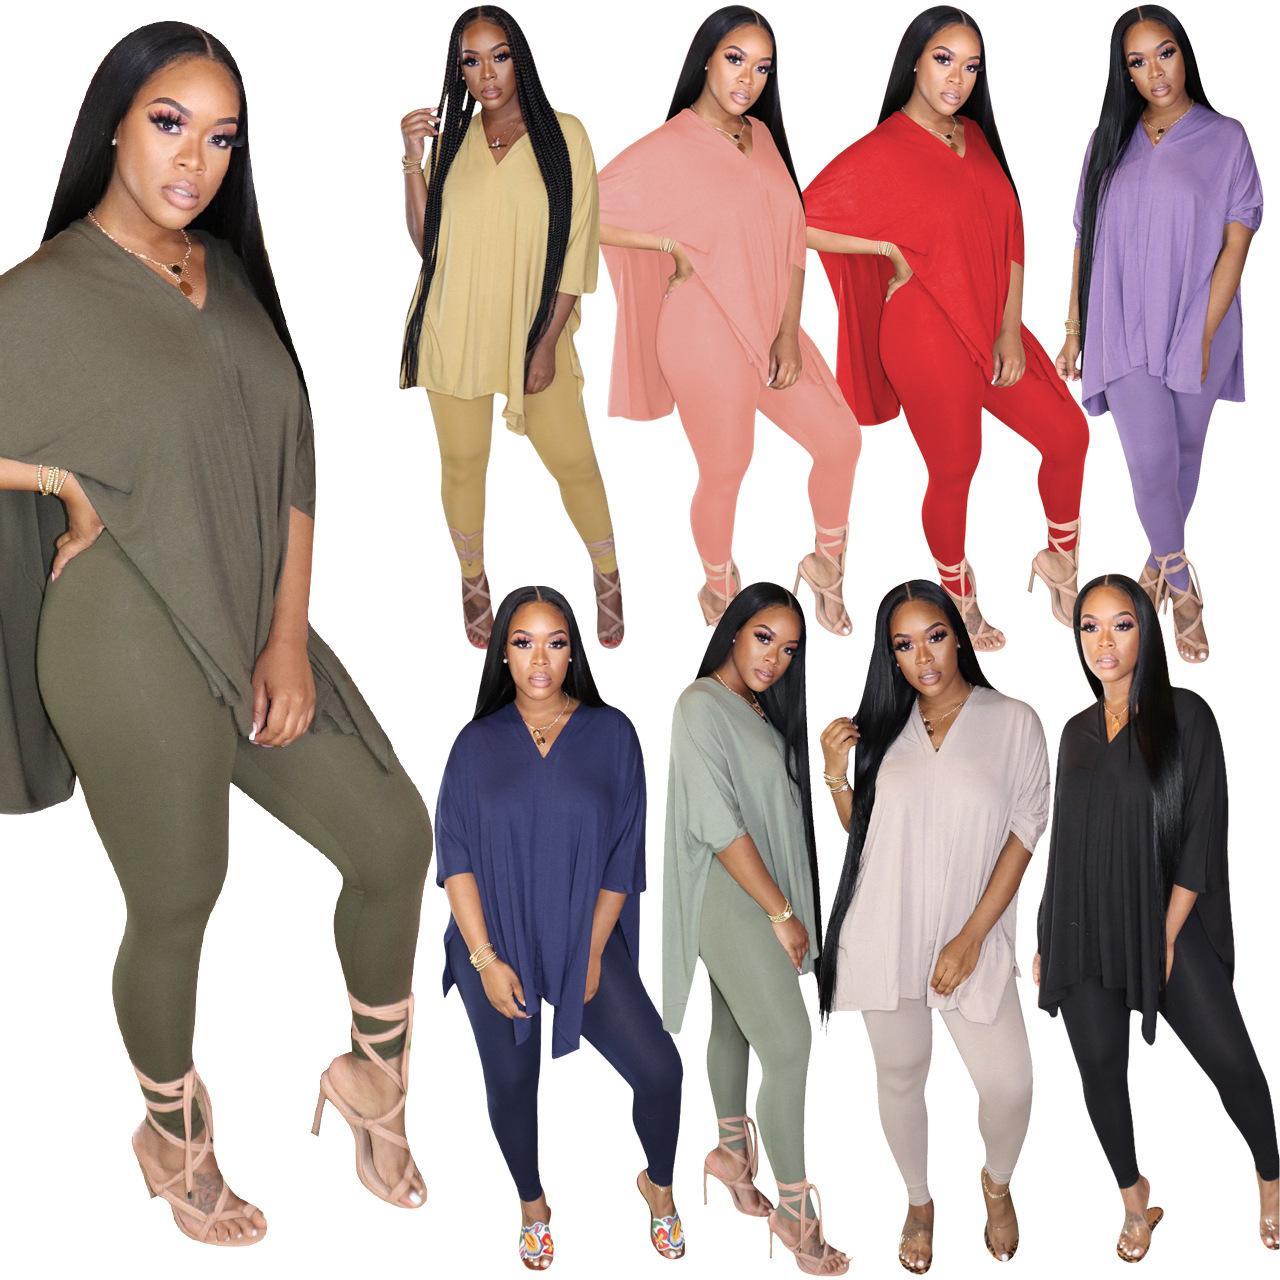 Bayan 2 Parça Setleri Desinger Eşofman Yaz Giyim V Boyun 2 Parça Set Suit Baskılı T-shirt Casual Spor Suit C615